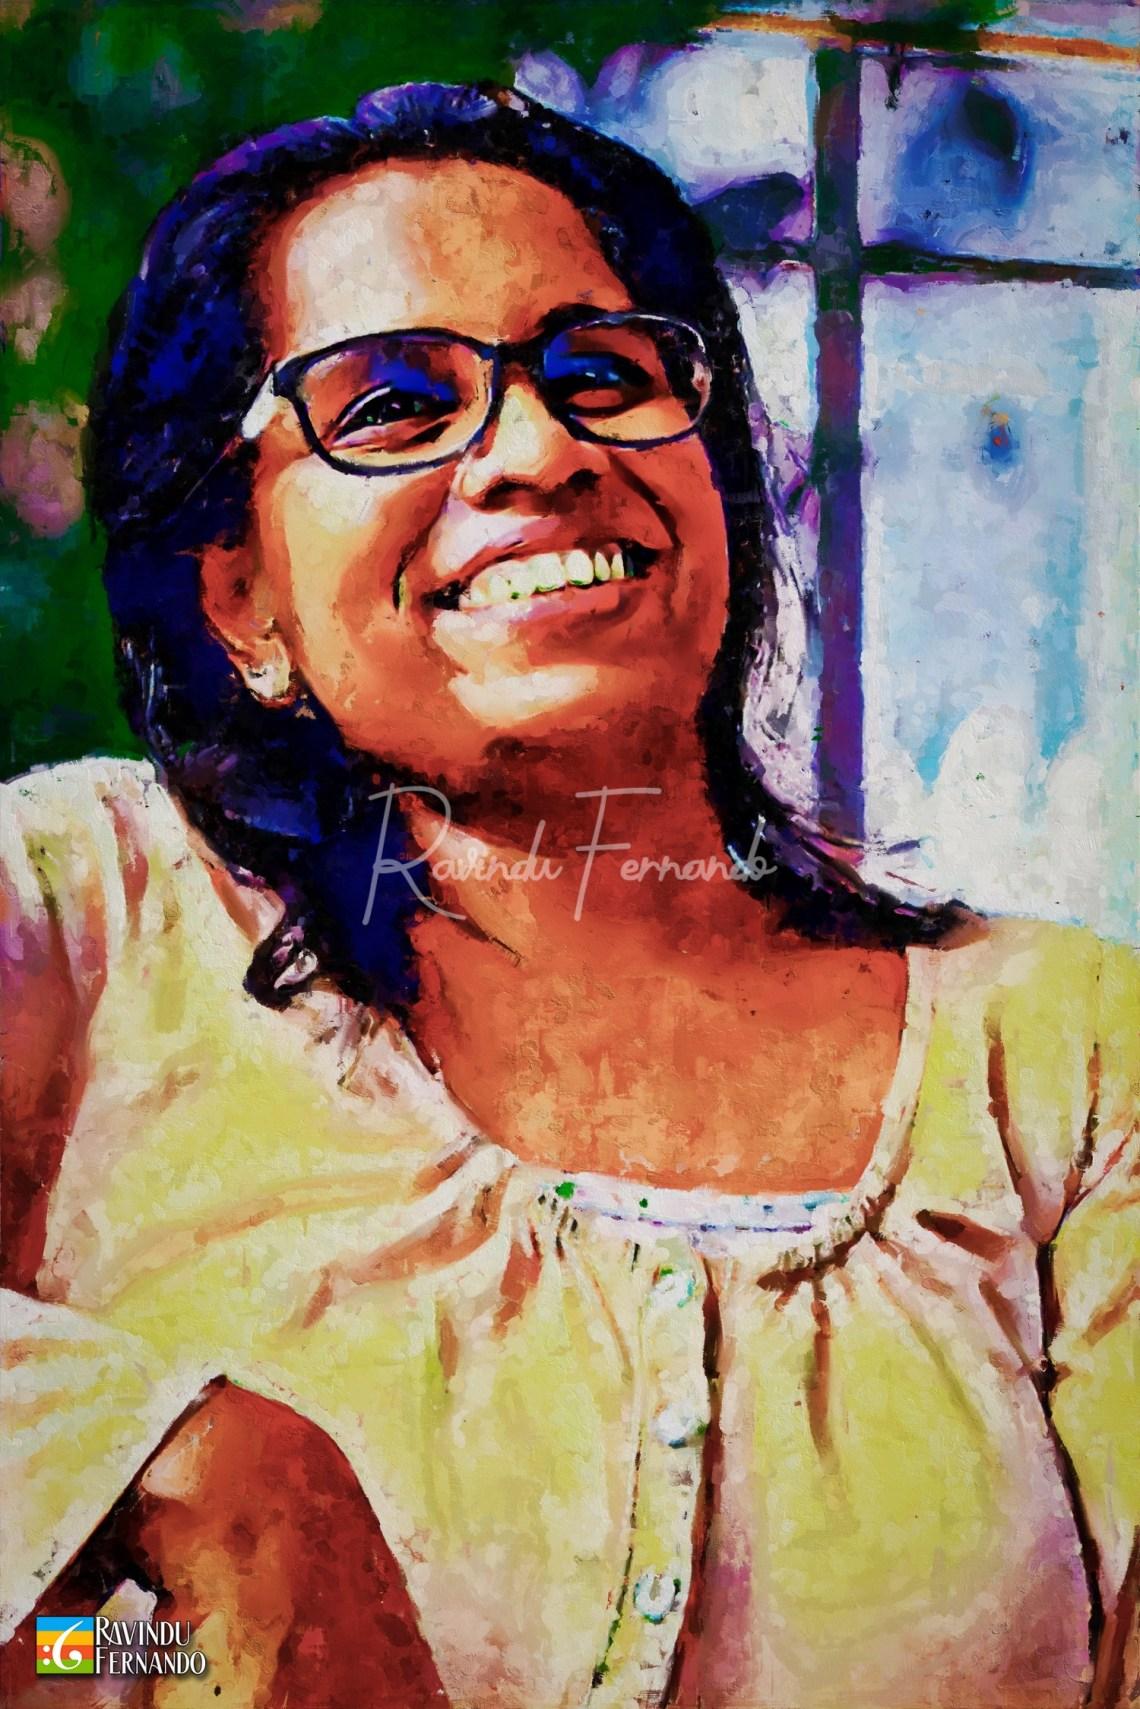 Upeksha Imali Digital Painting